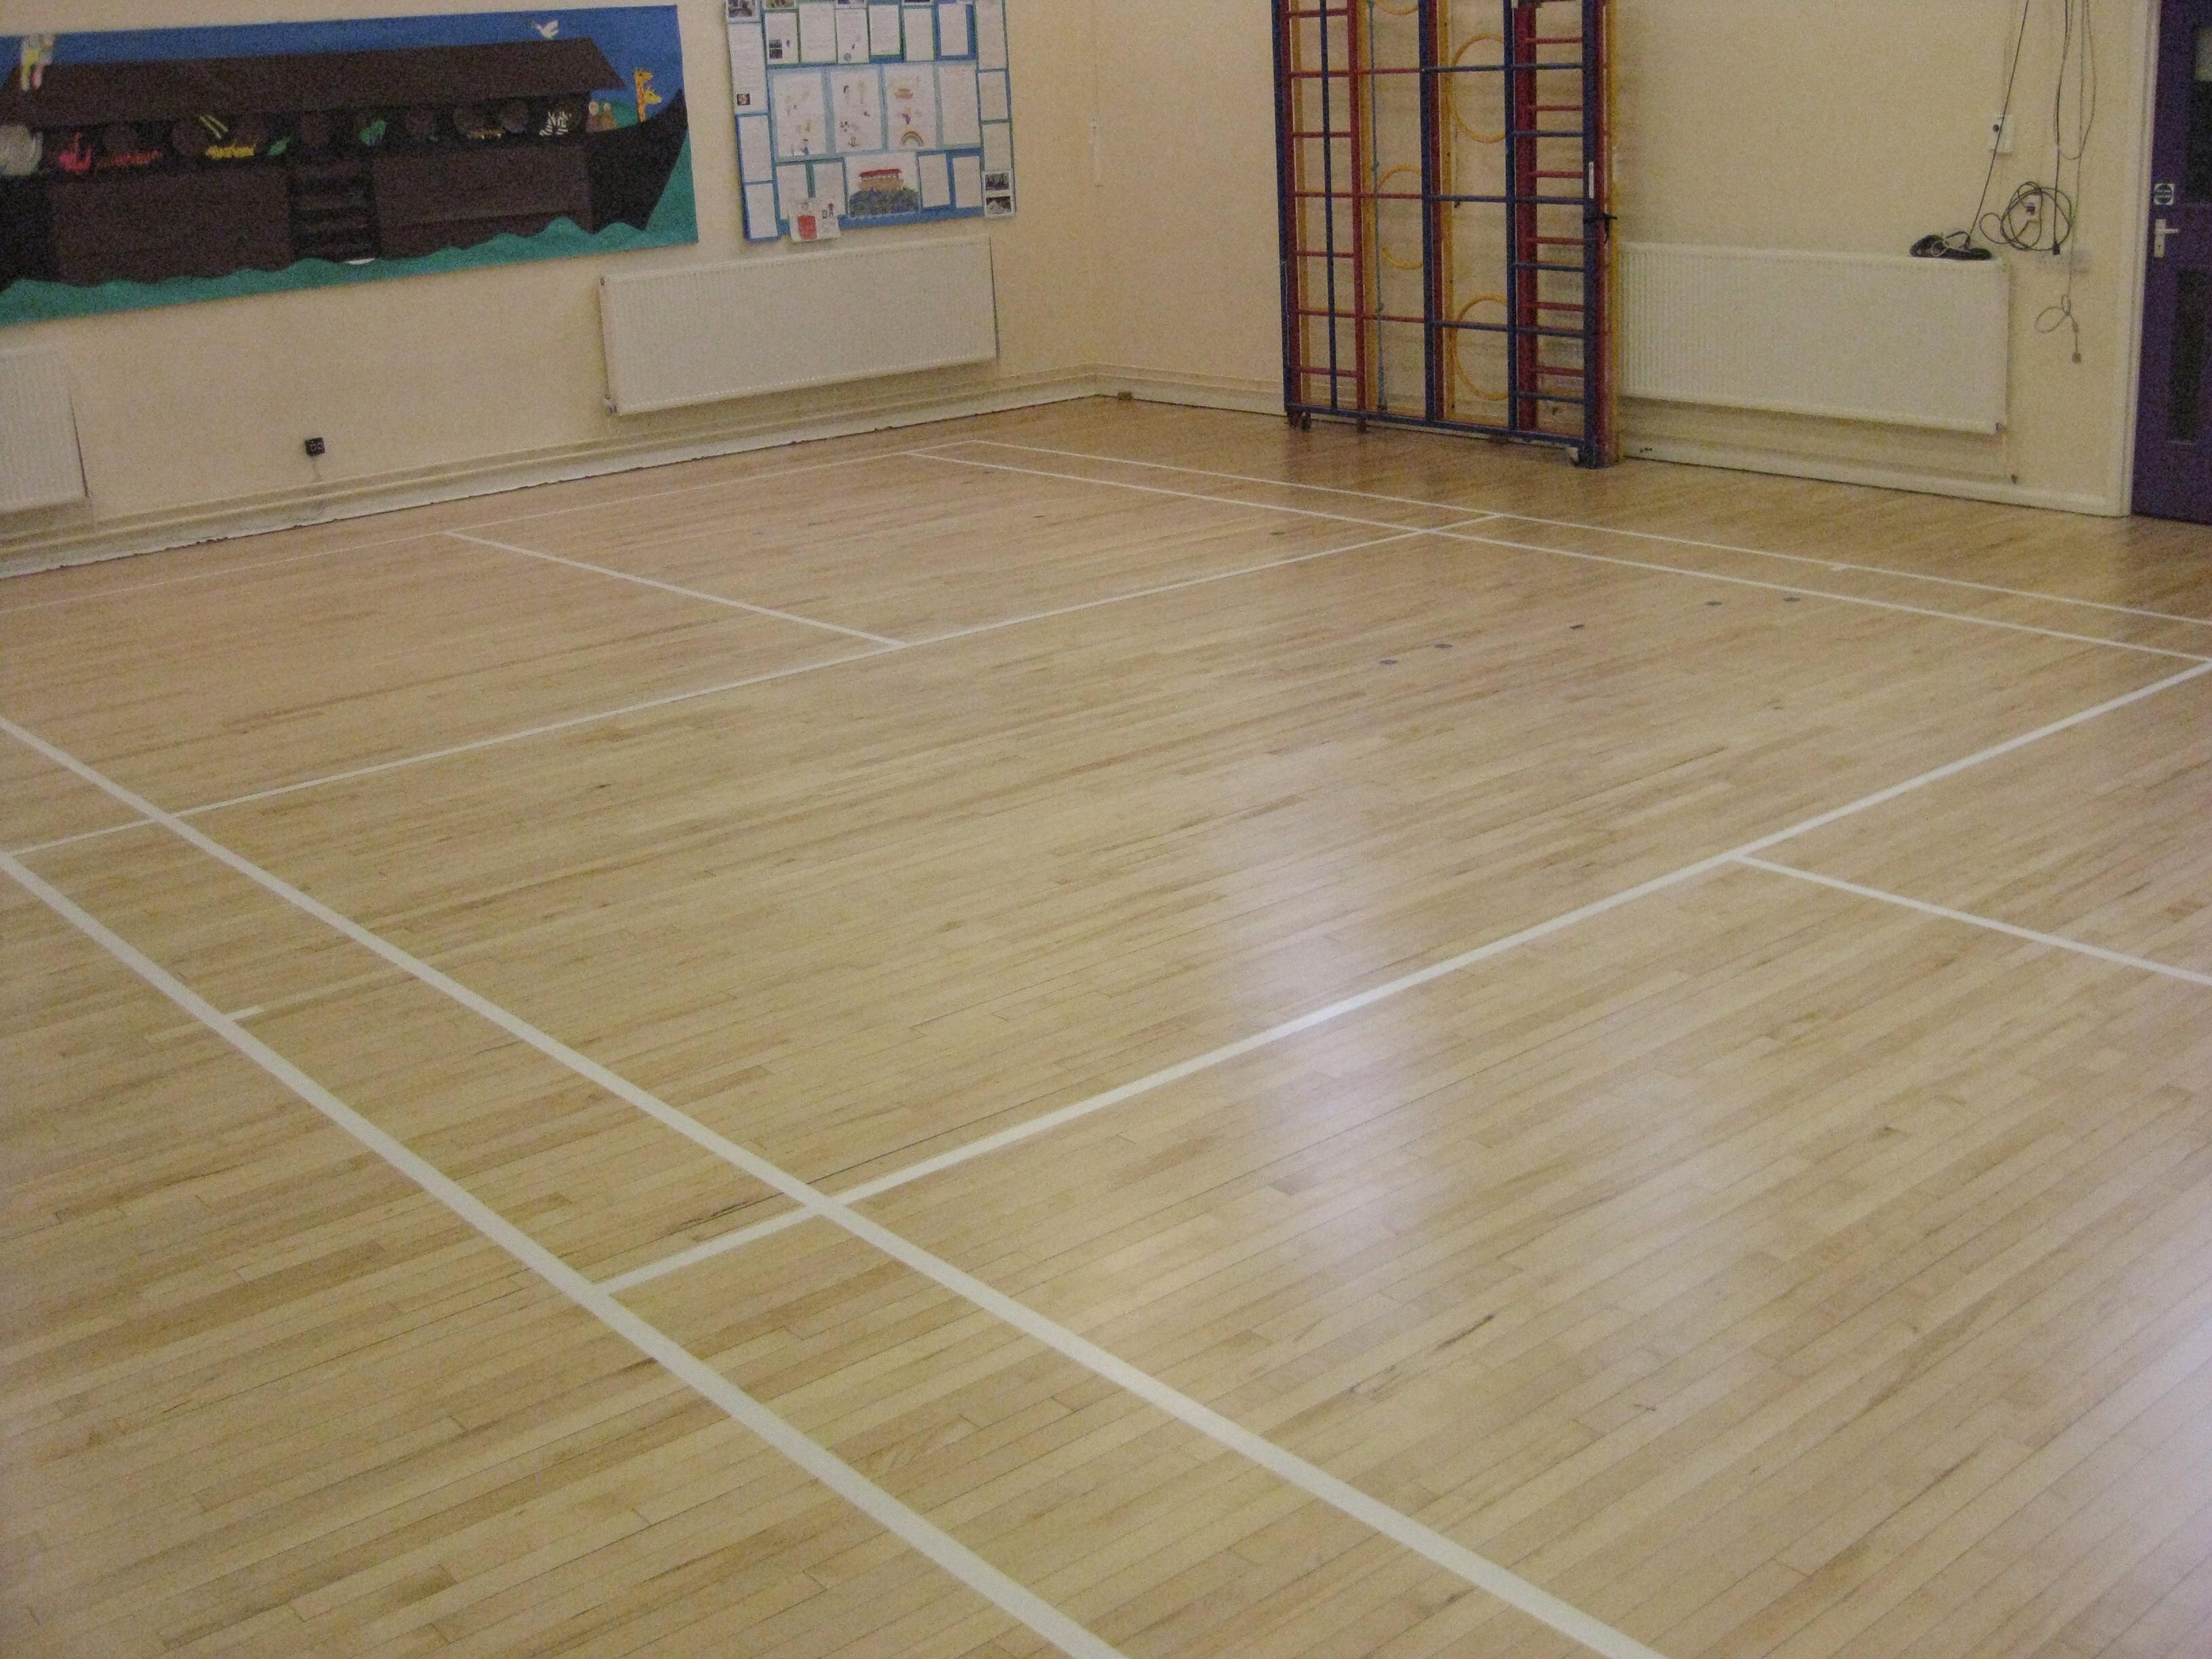 Restored Maple Gym Floor